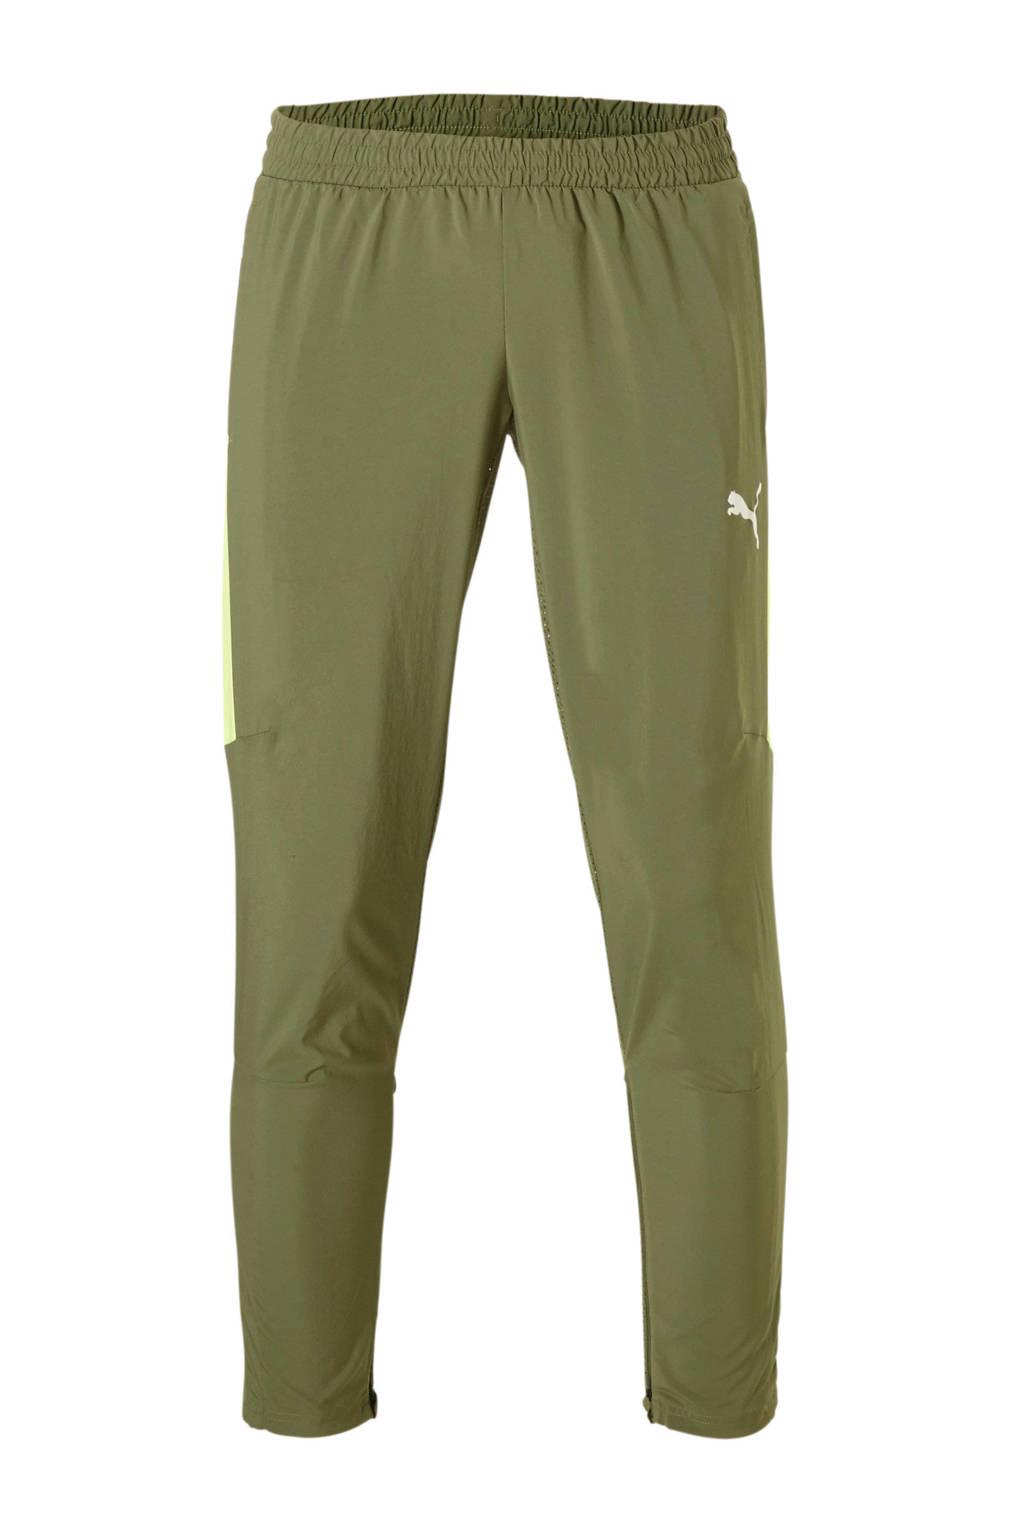 Puma   7/8 sportbroek groen, Groen/geel